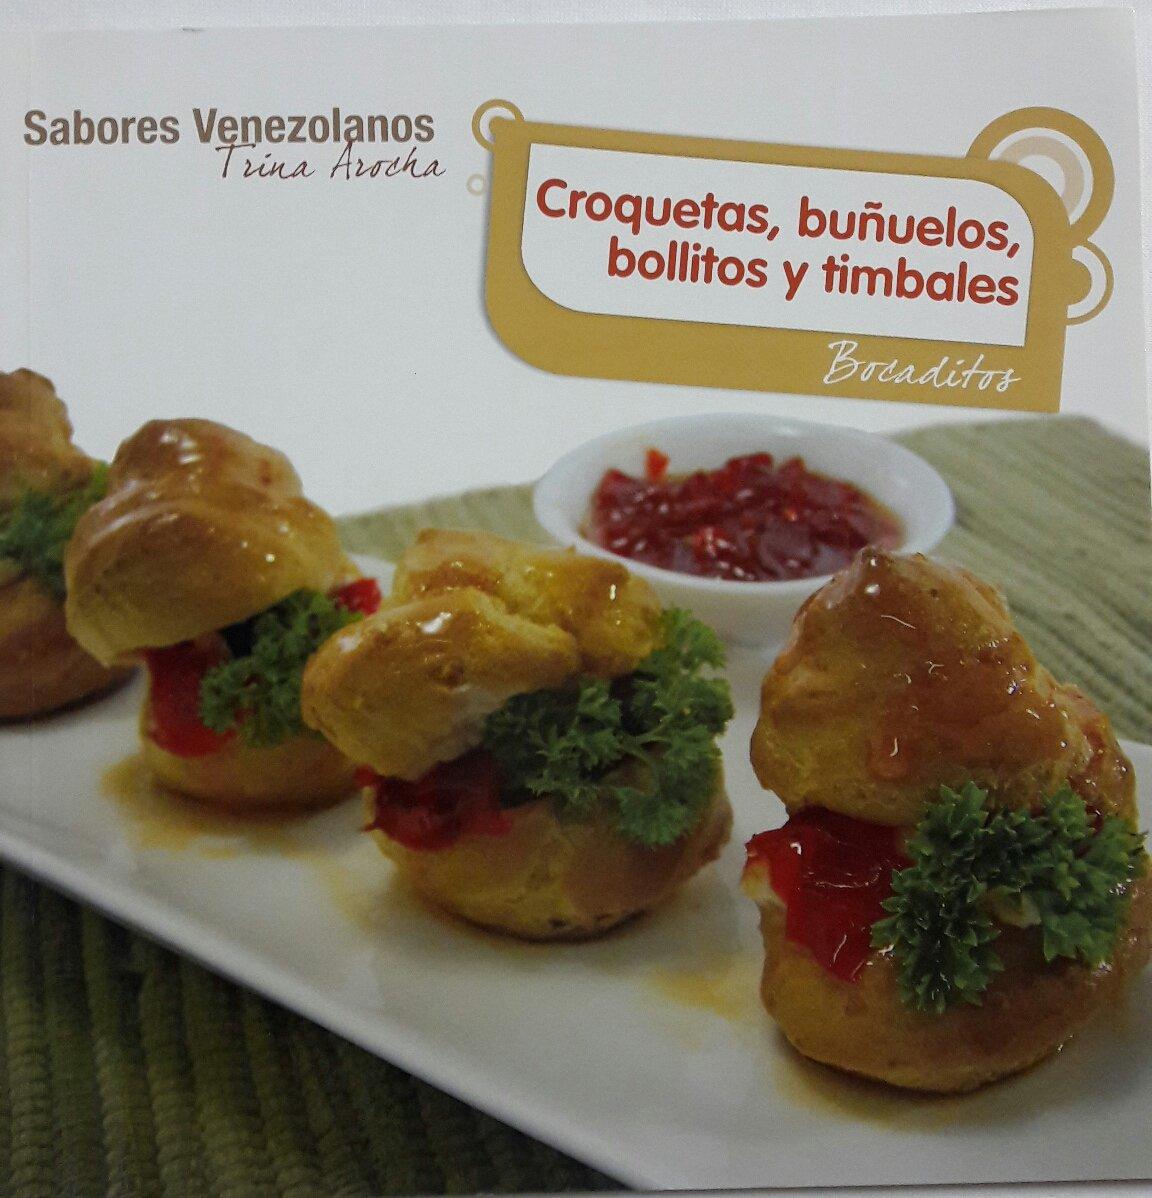 CROQUETAS, BUÑUELOS, BOLLITOS Y TIMBALES: BOCADITOS Paperback – 2011